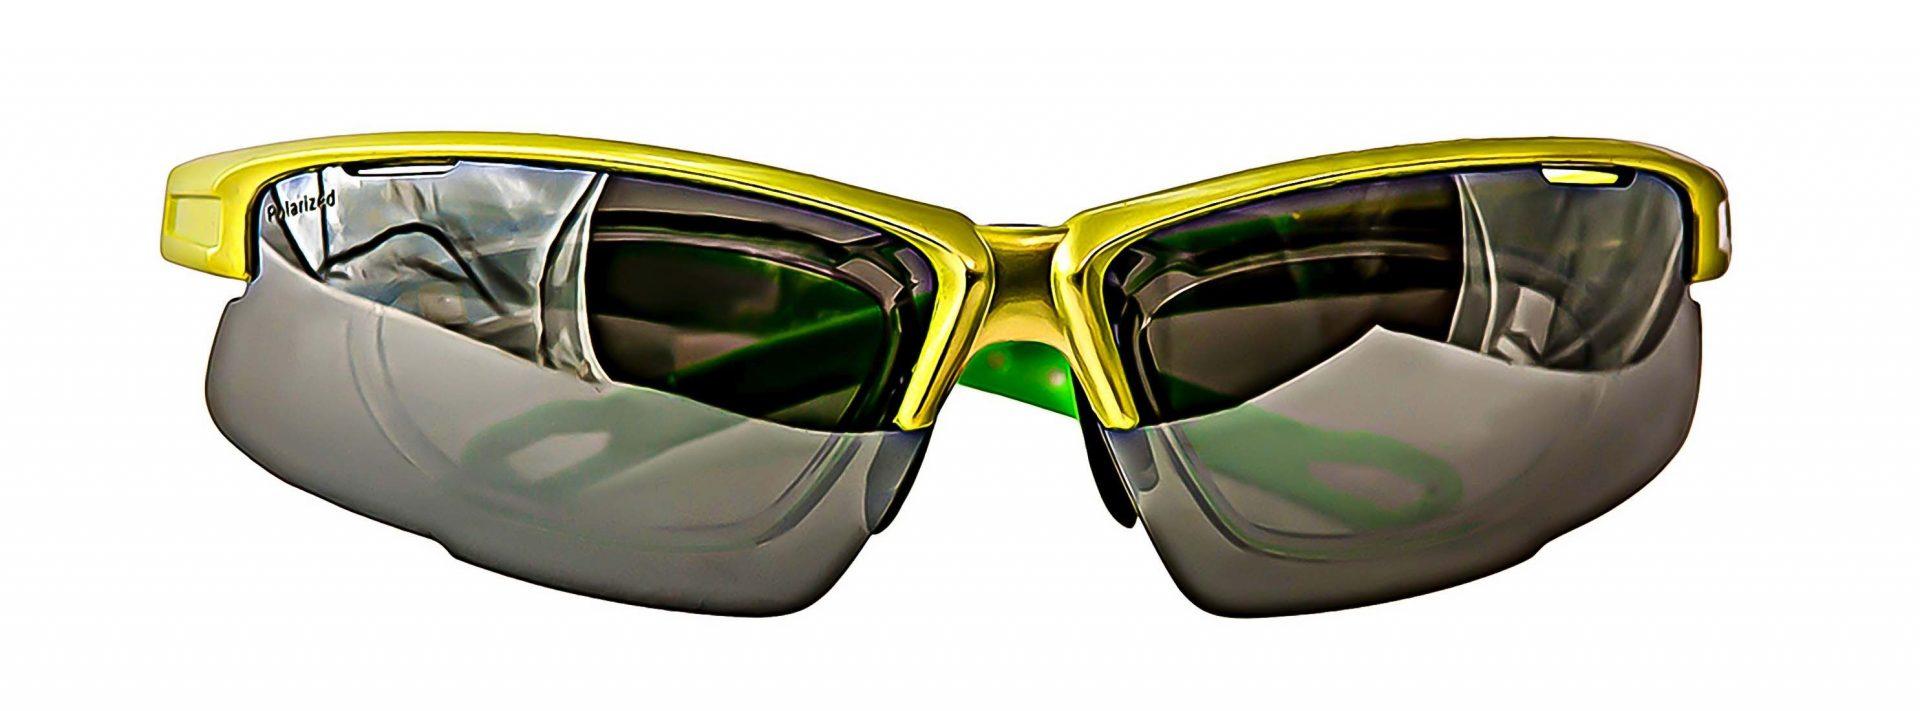 Sworke sunglasses 3861n 1 169 2970x1100